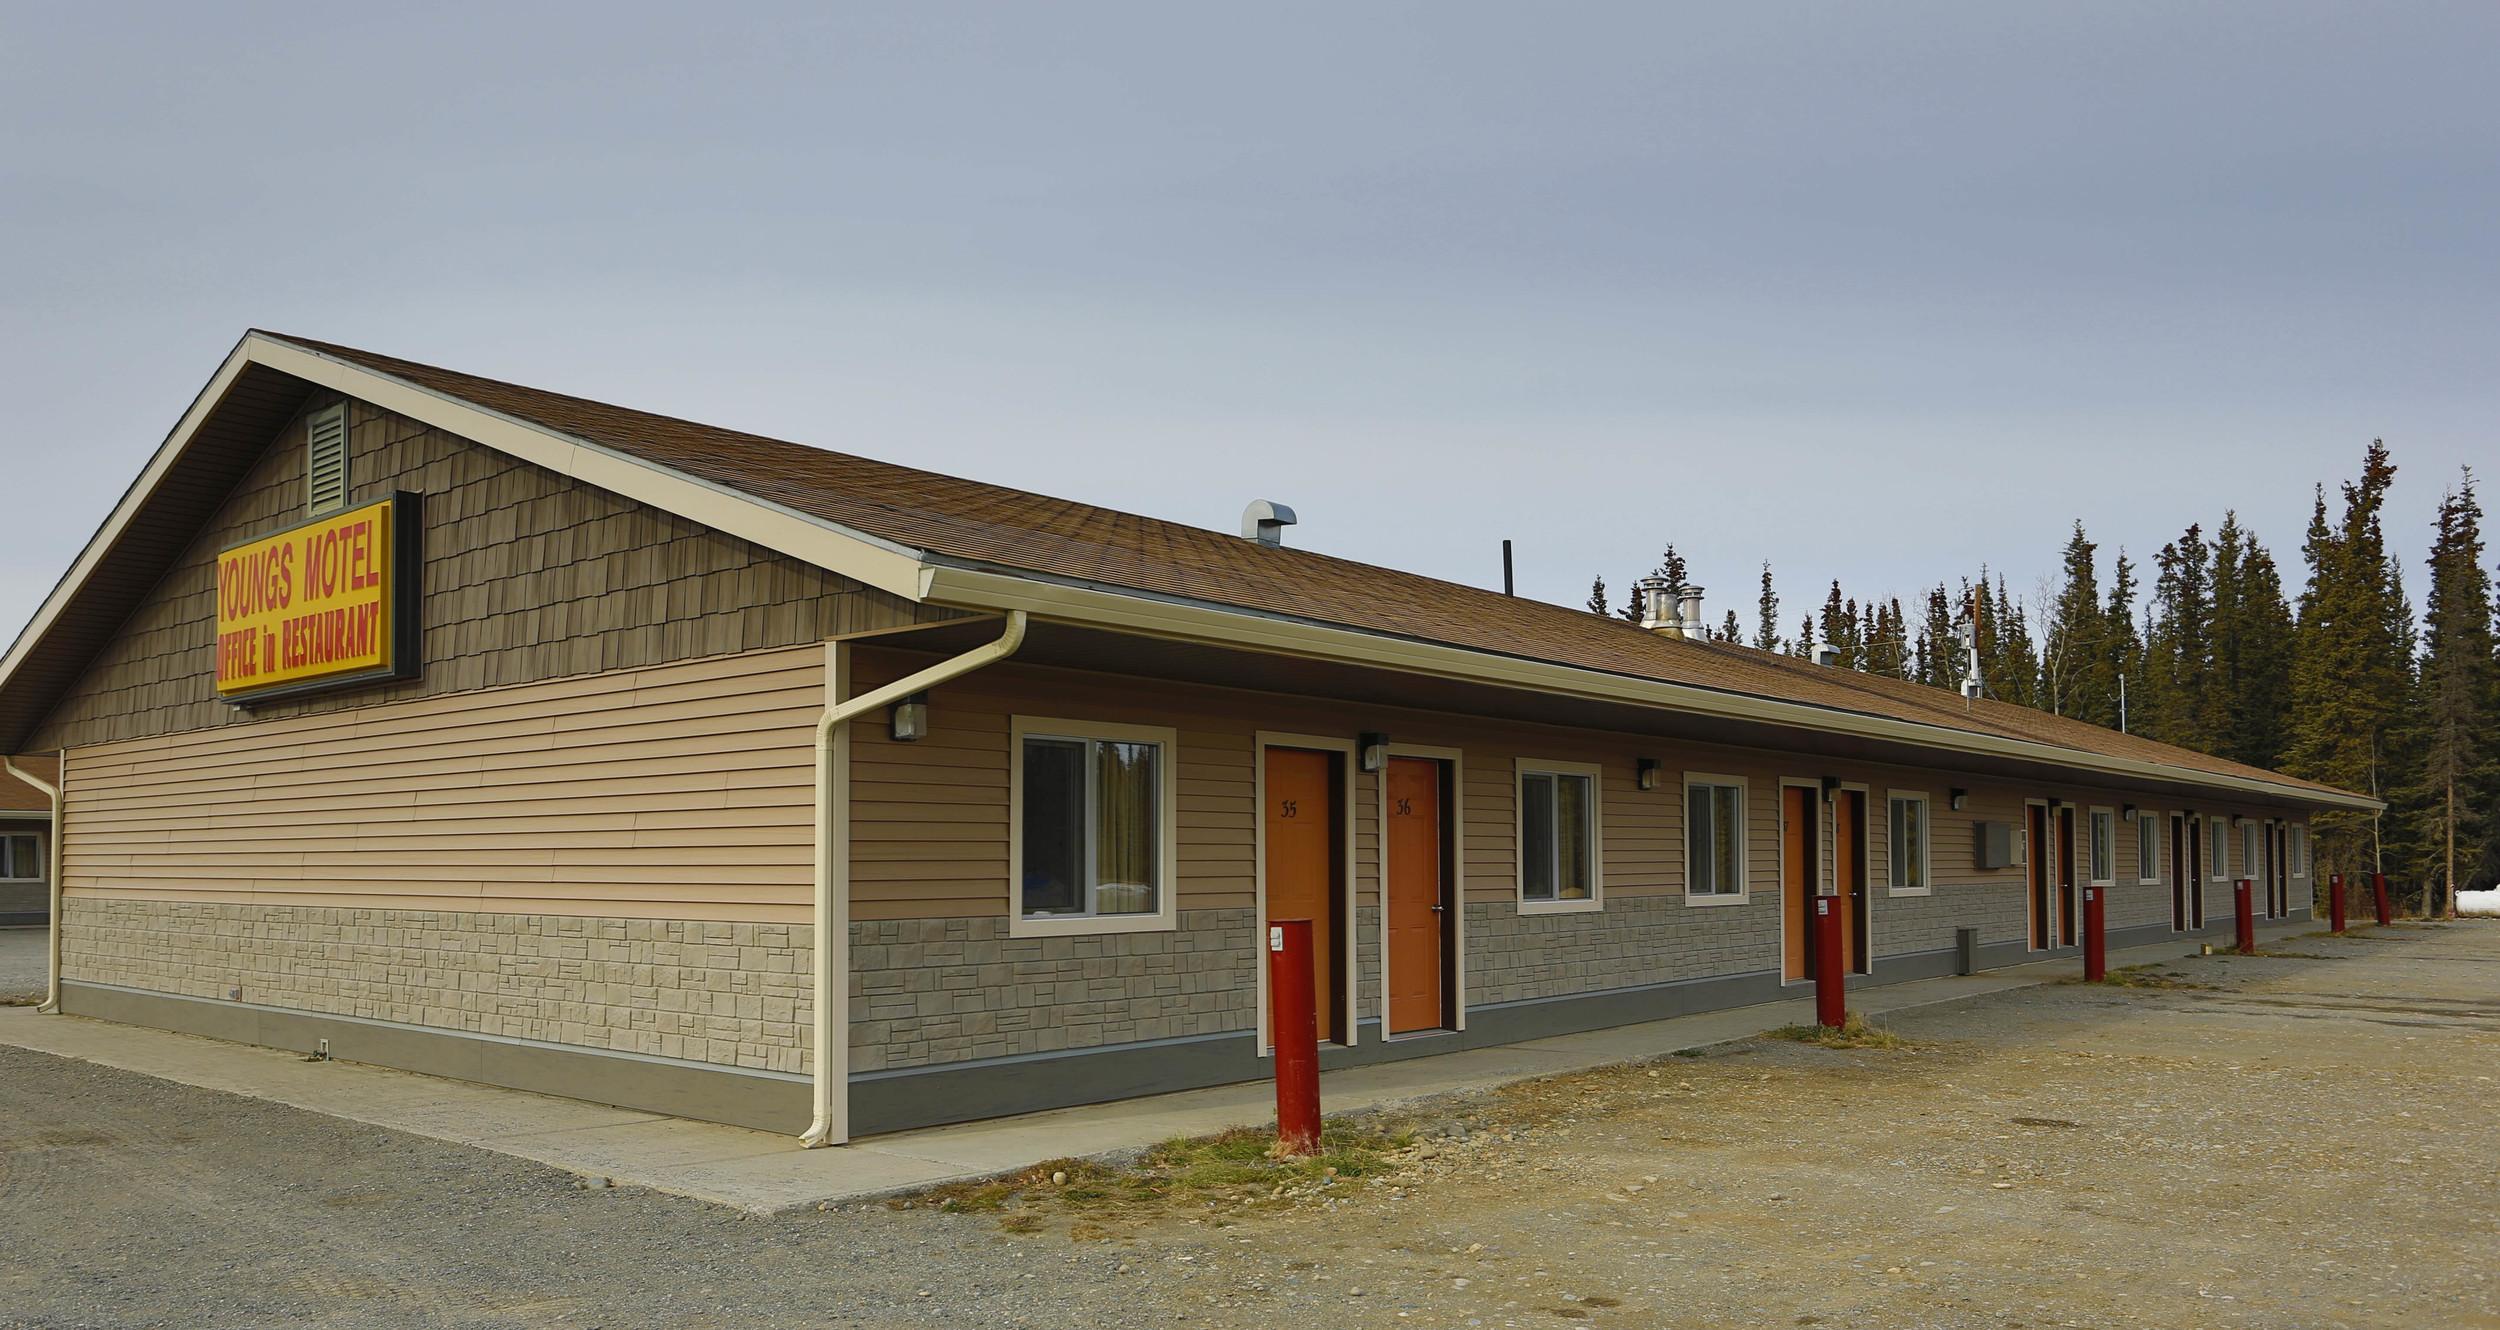 Young's Motel - Tok, Alaska